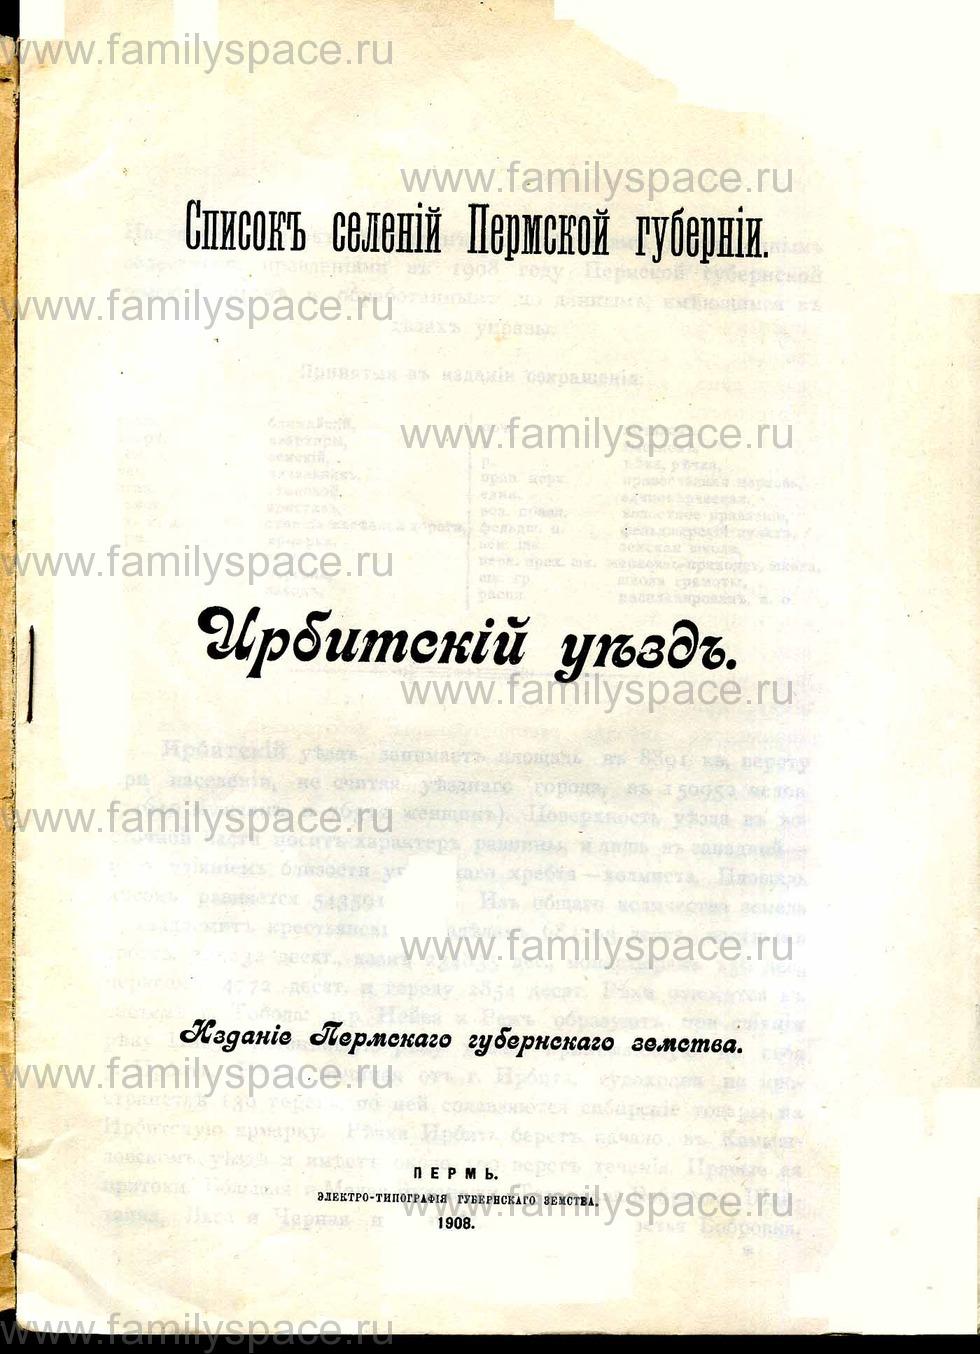 Поиск по фамилии - Список населенных мест Пермской губернии Ирбитский уезд 1908 г, страница 1